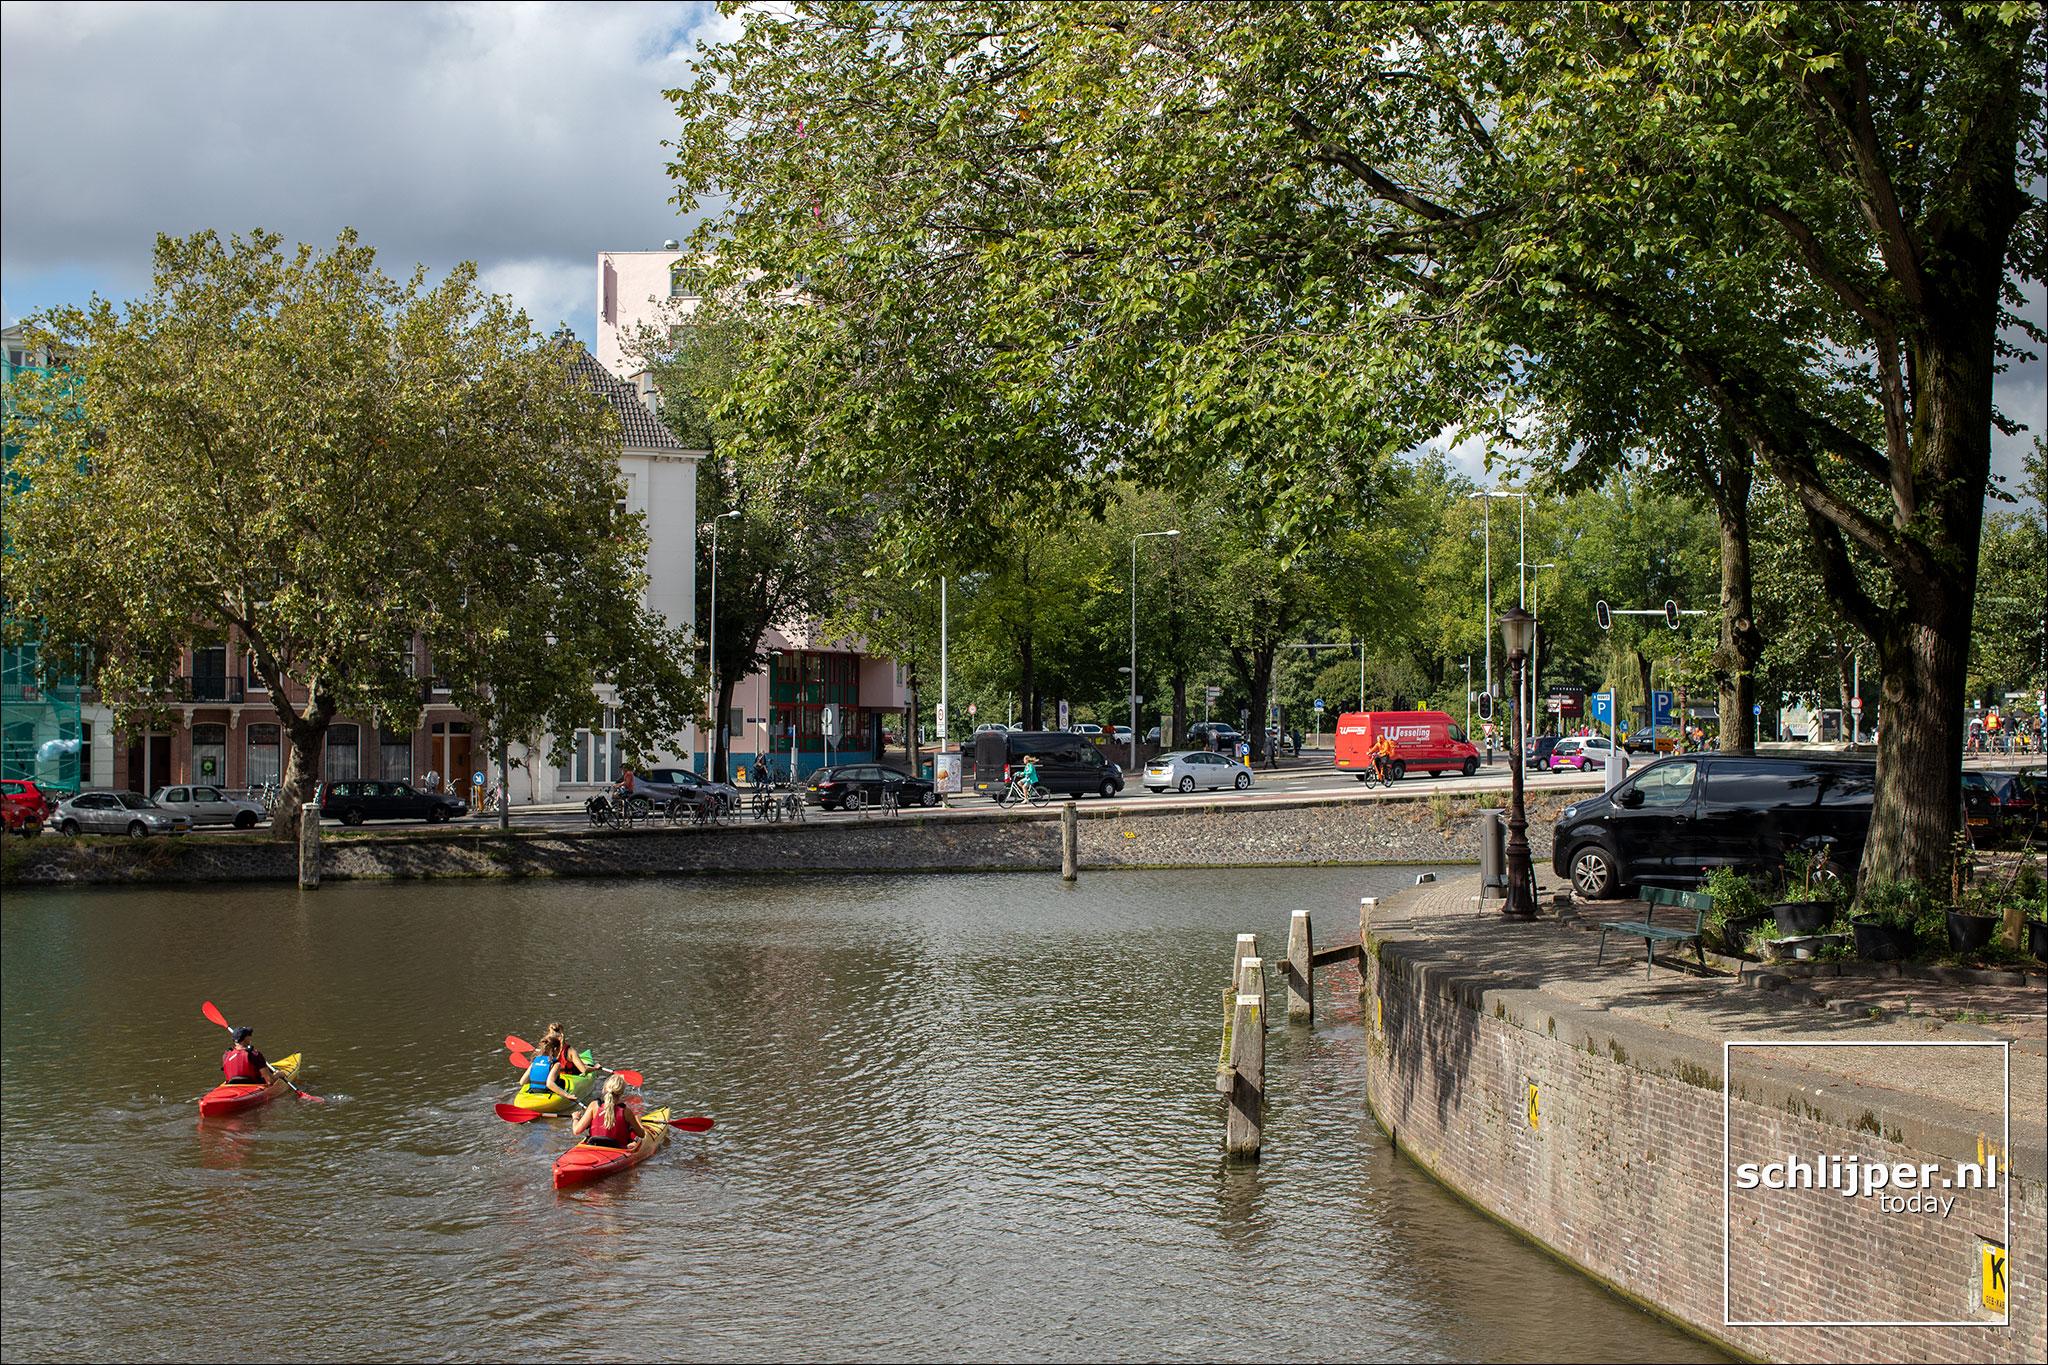 Nederland, Amsterdam, 12 september 2019